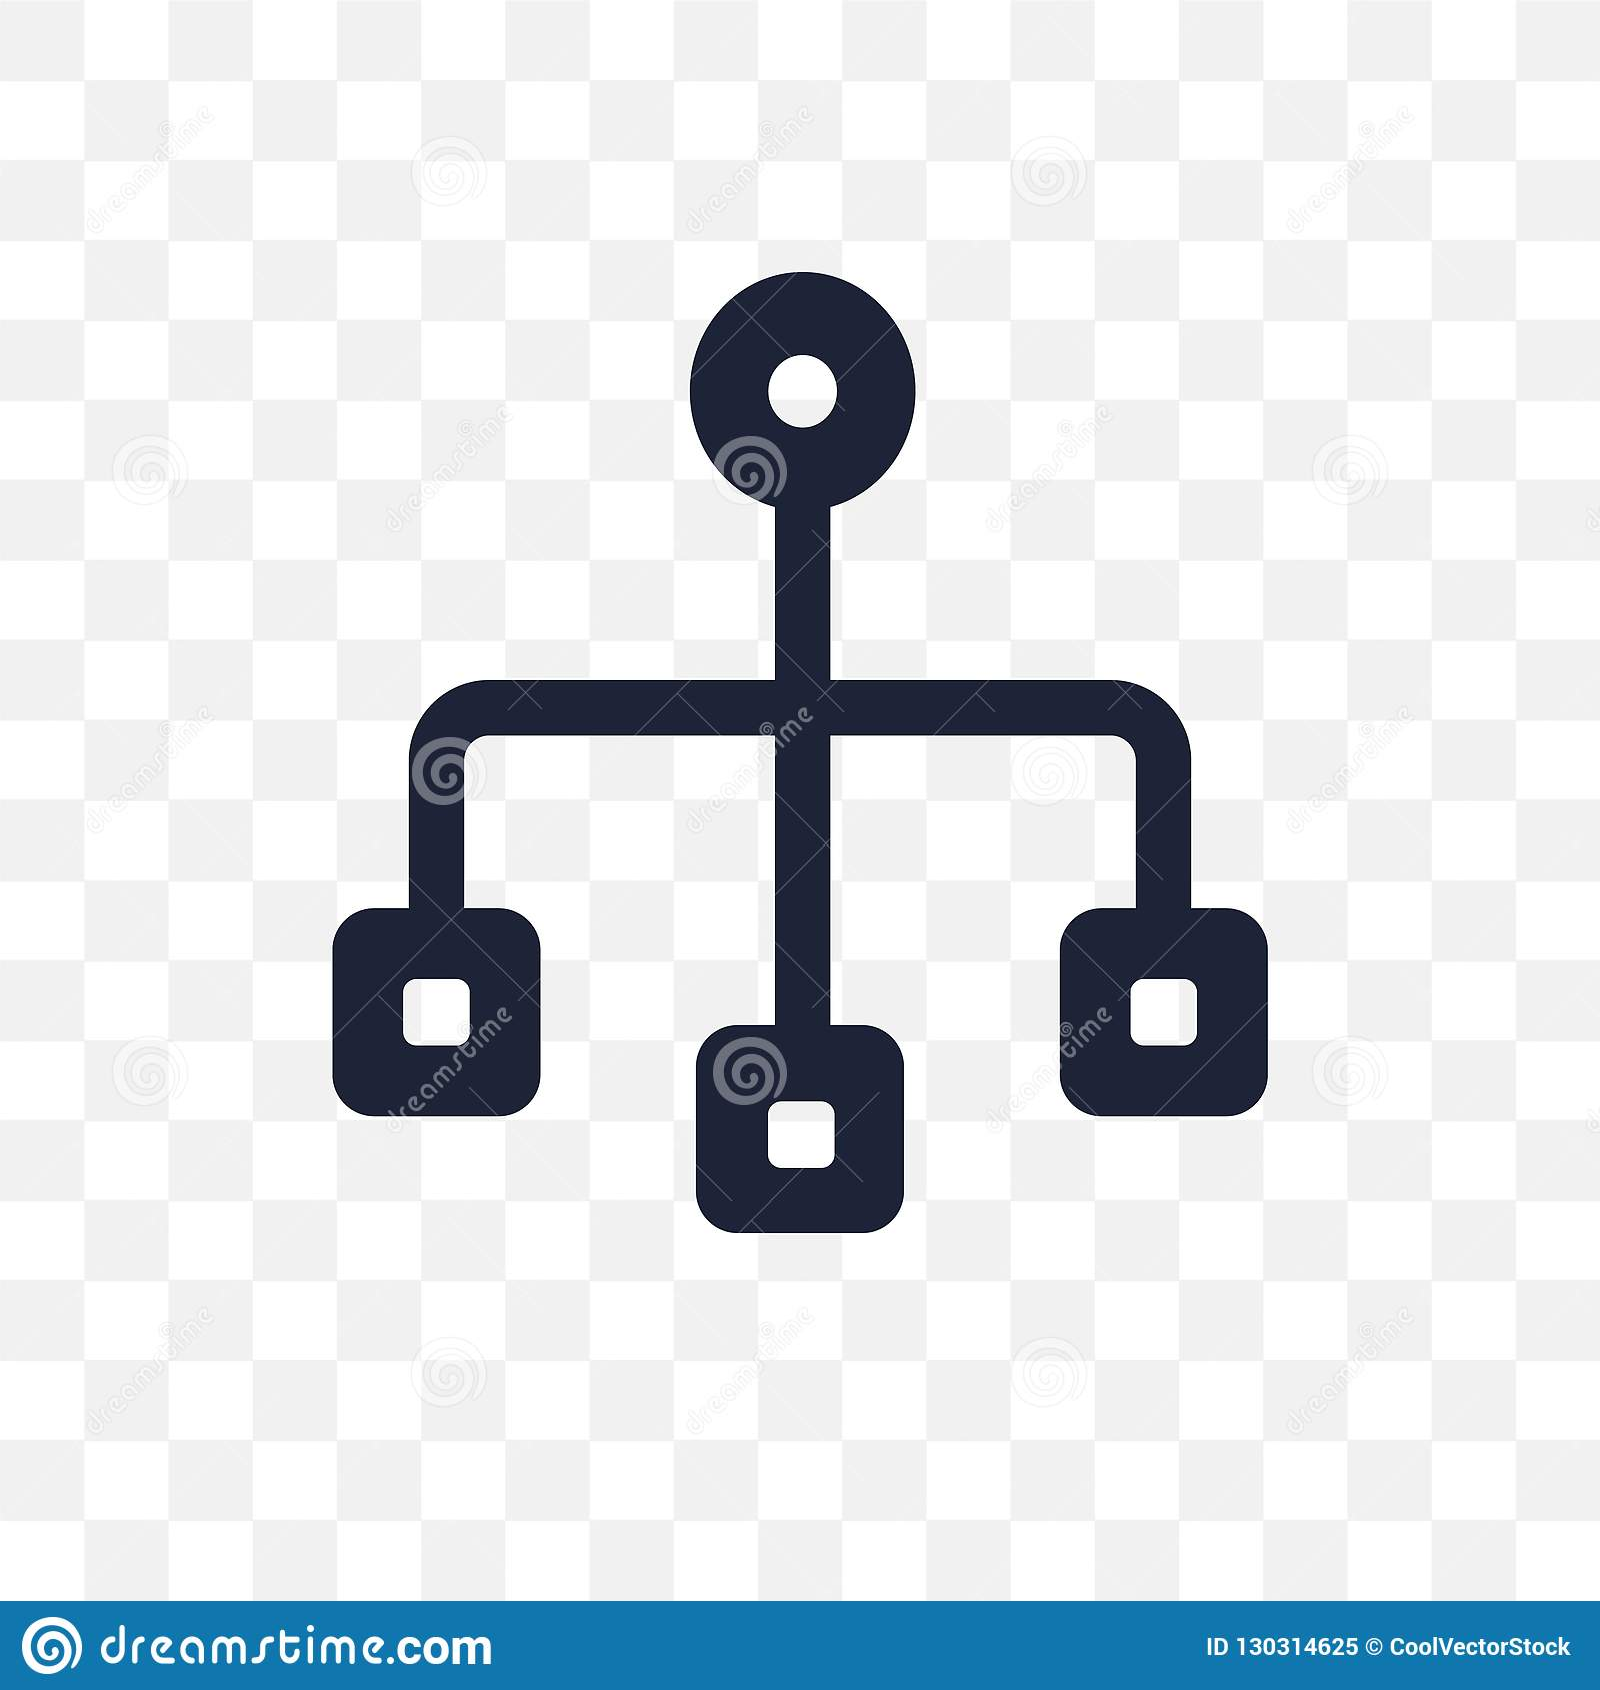 Sitemap transparant pictogram Het ontwerp van het Sitemapsymbool van SEO verzamelt